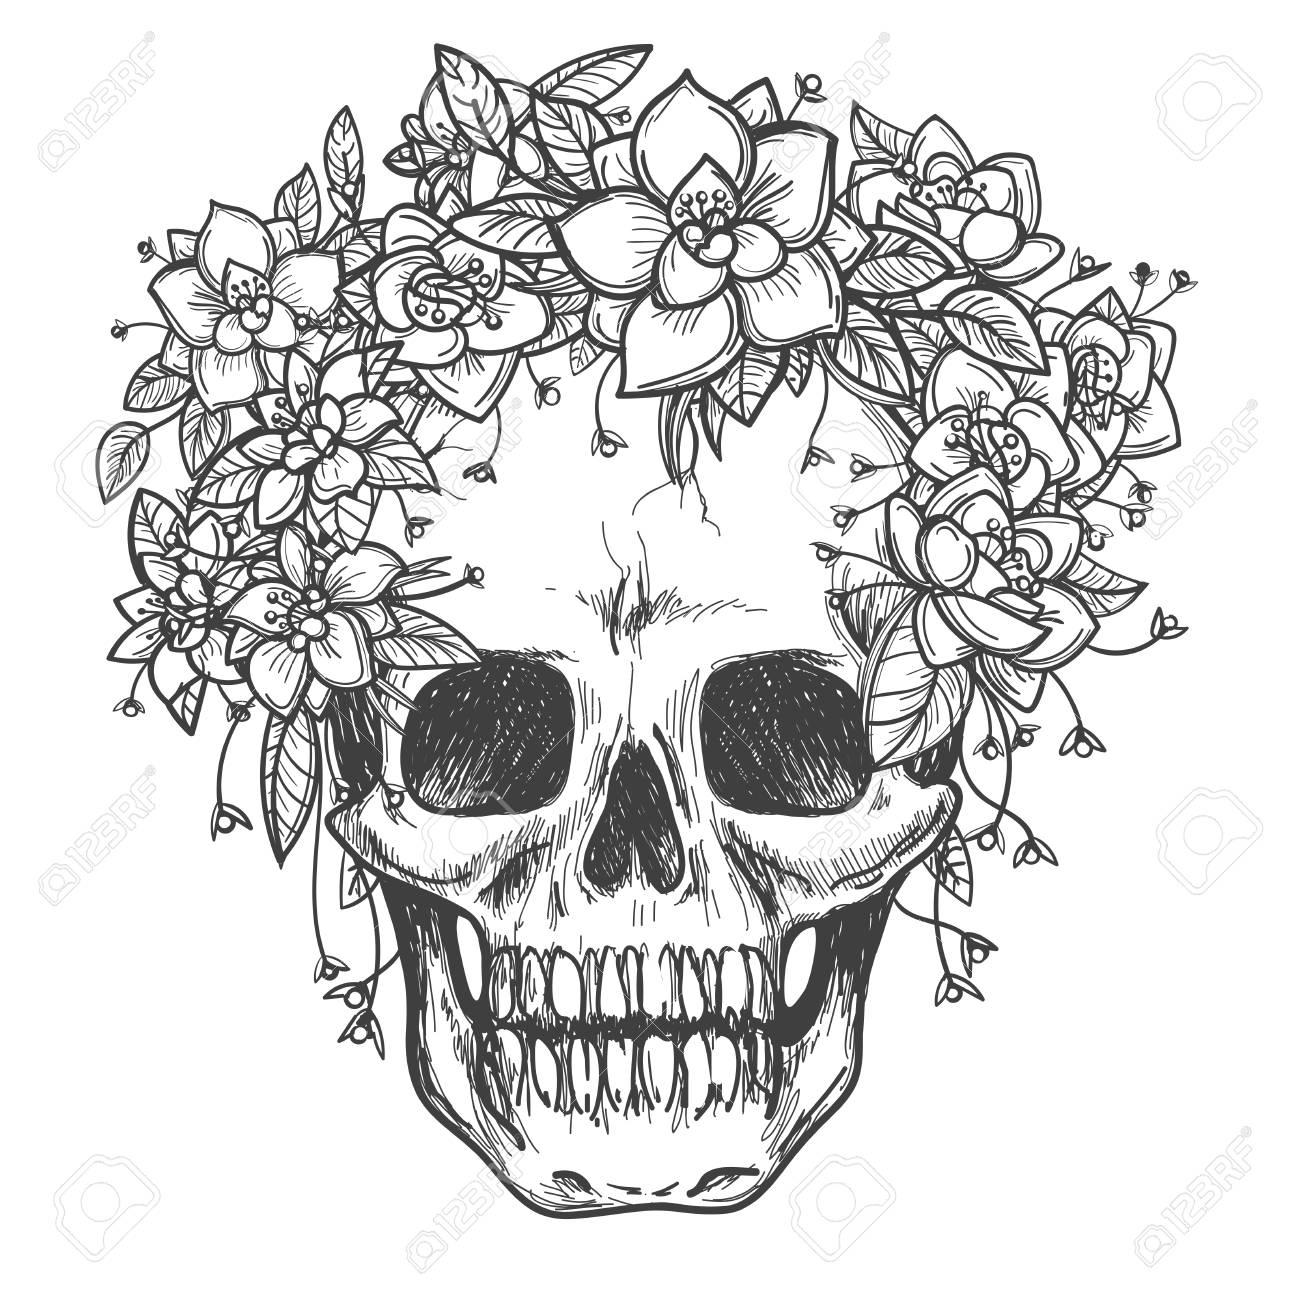 Dessin Crâne Mort Avec Des Fleurs De Rose Vecteur Croquis Isolé Sur